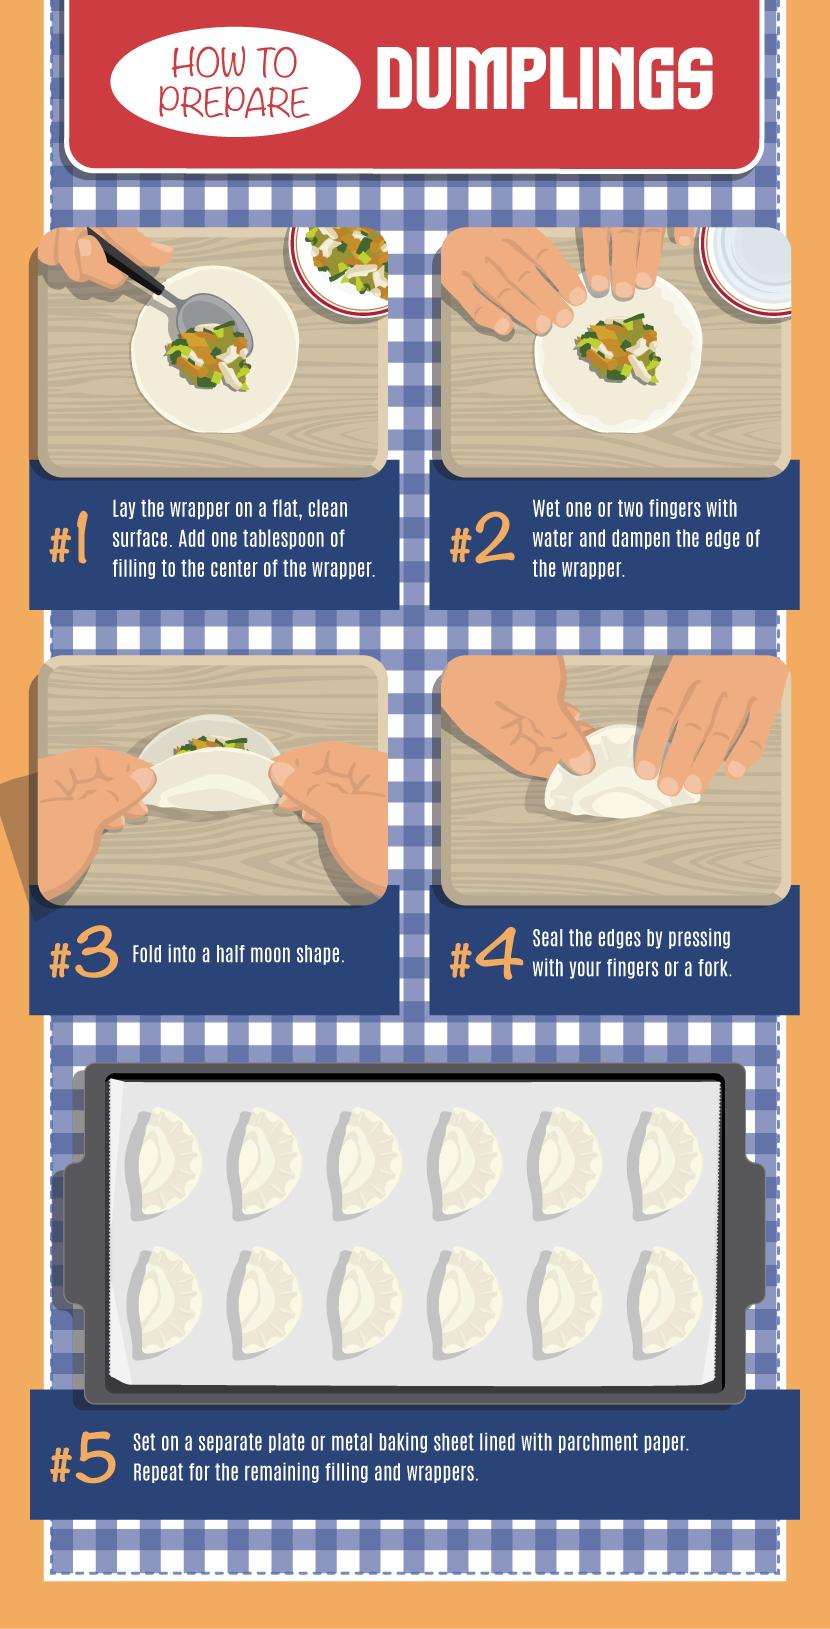 Preparing Dumplings - Making Your Own Dumplings